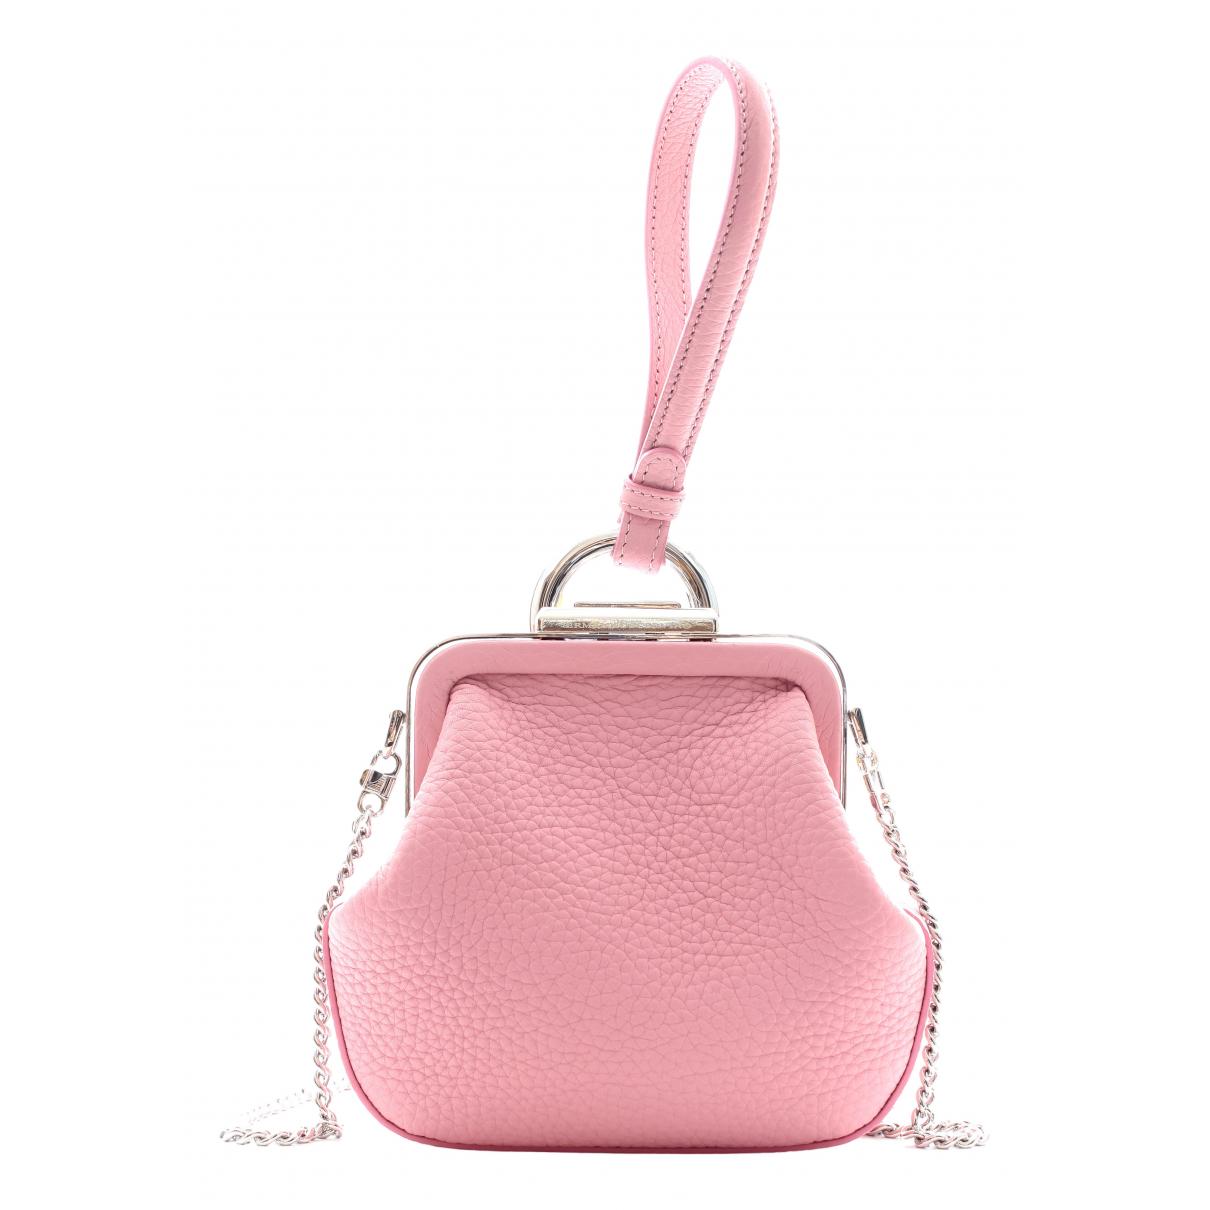 Ermanno Scervino N Pink Leather handbag for Women N